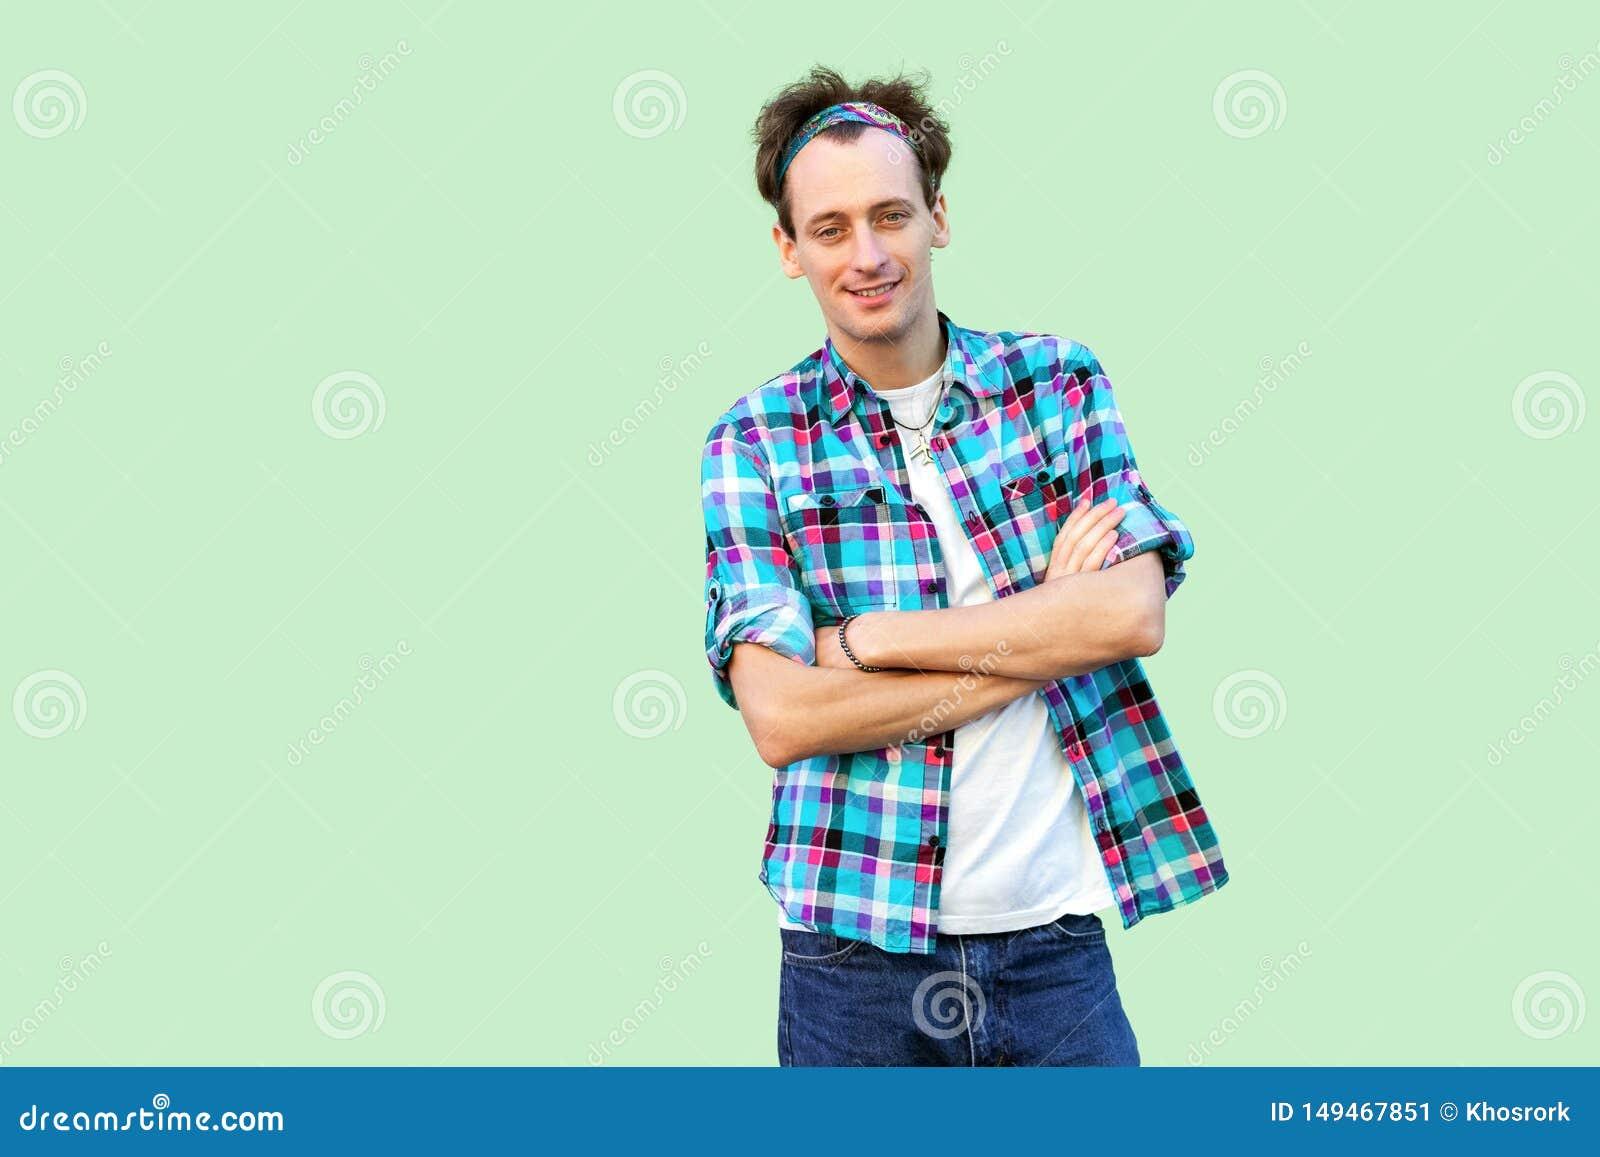 Portret die van de gelukkige tevreden jonge mens in toevallig blauw geruit overhemd en hoofdband die, camera het bekijken met cro